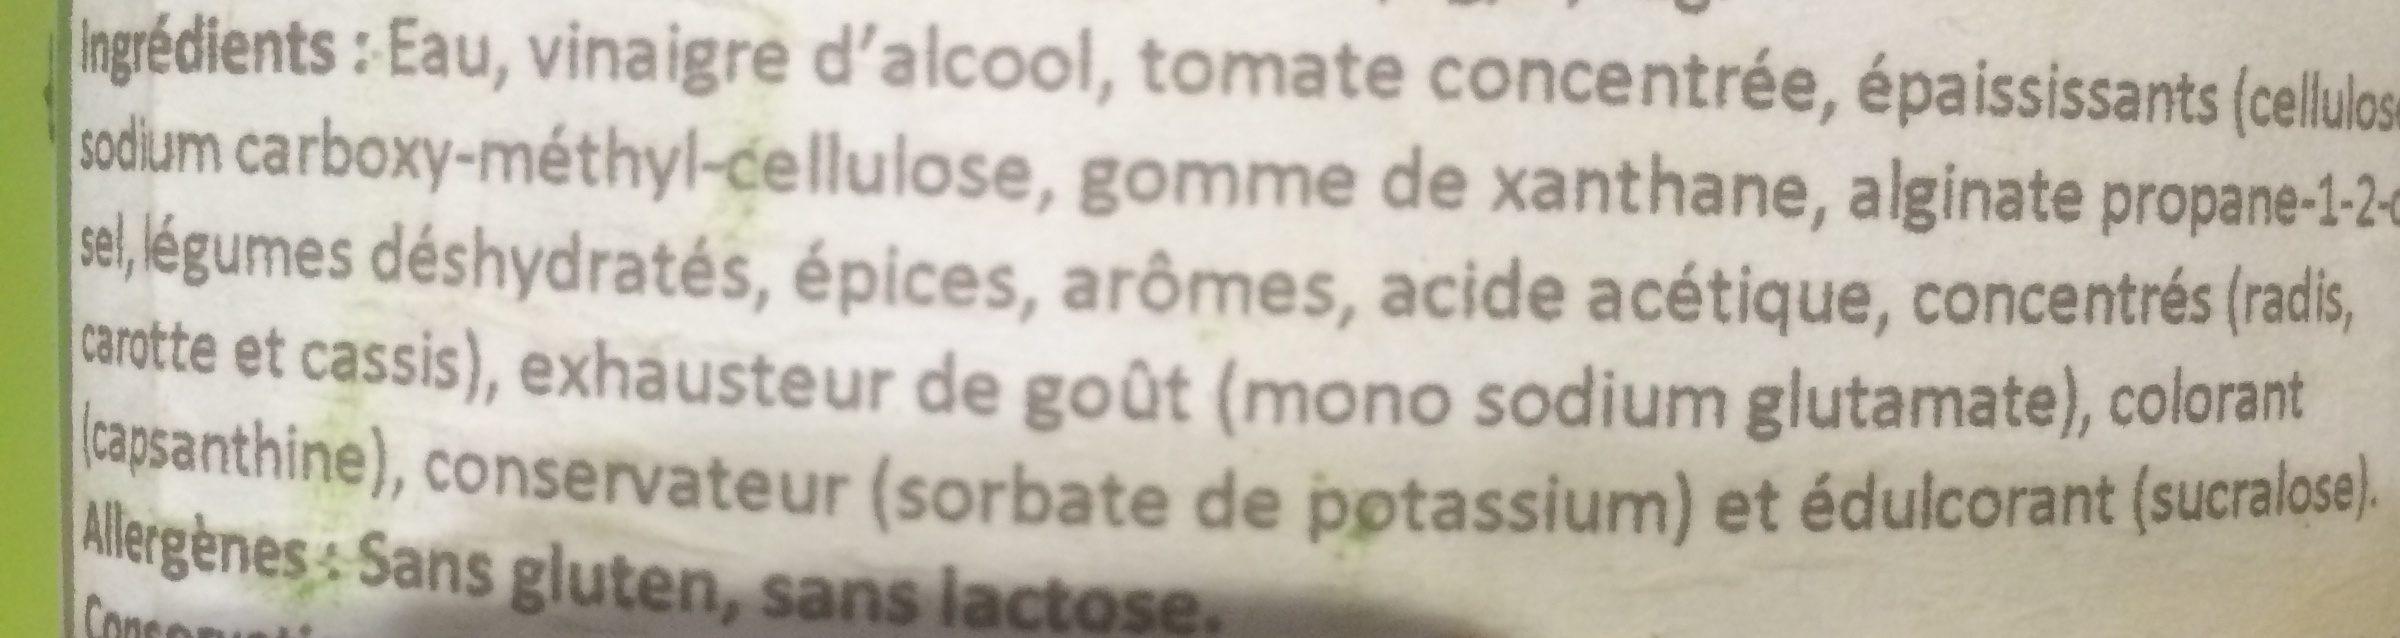 Sauce Bolognaise Italienne Care Free - Ingrédients - fr